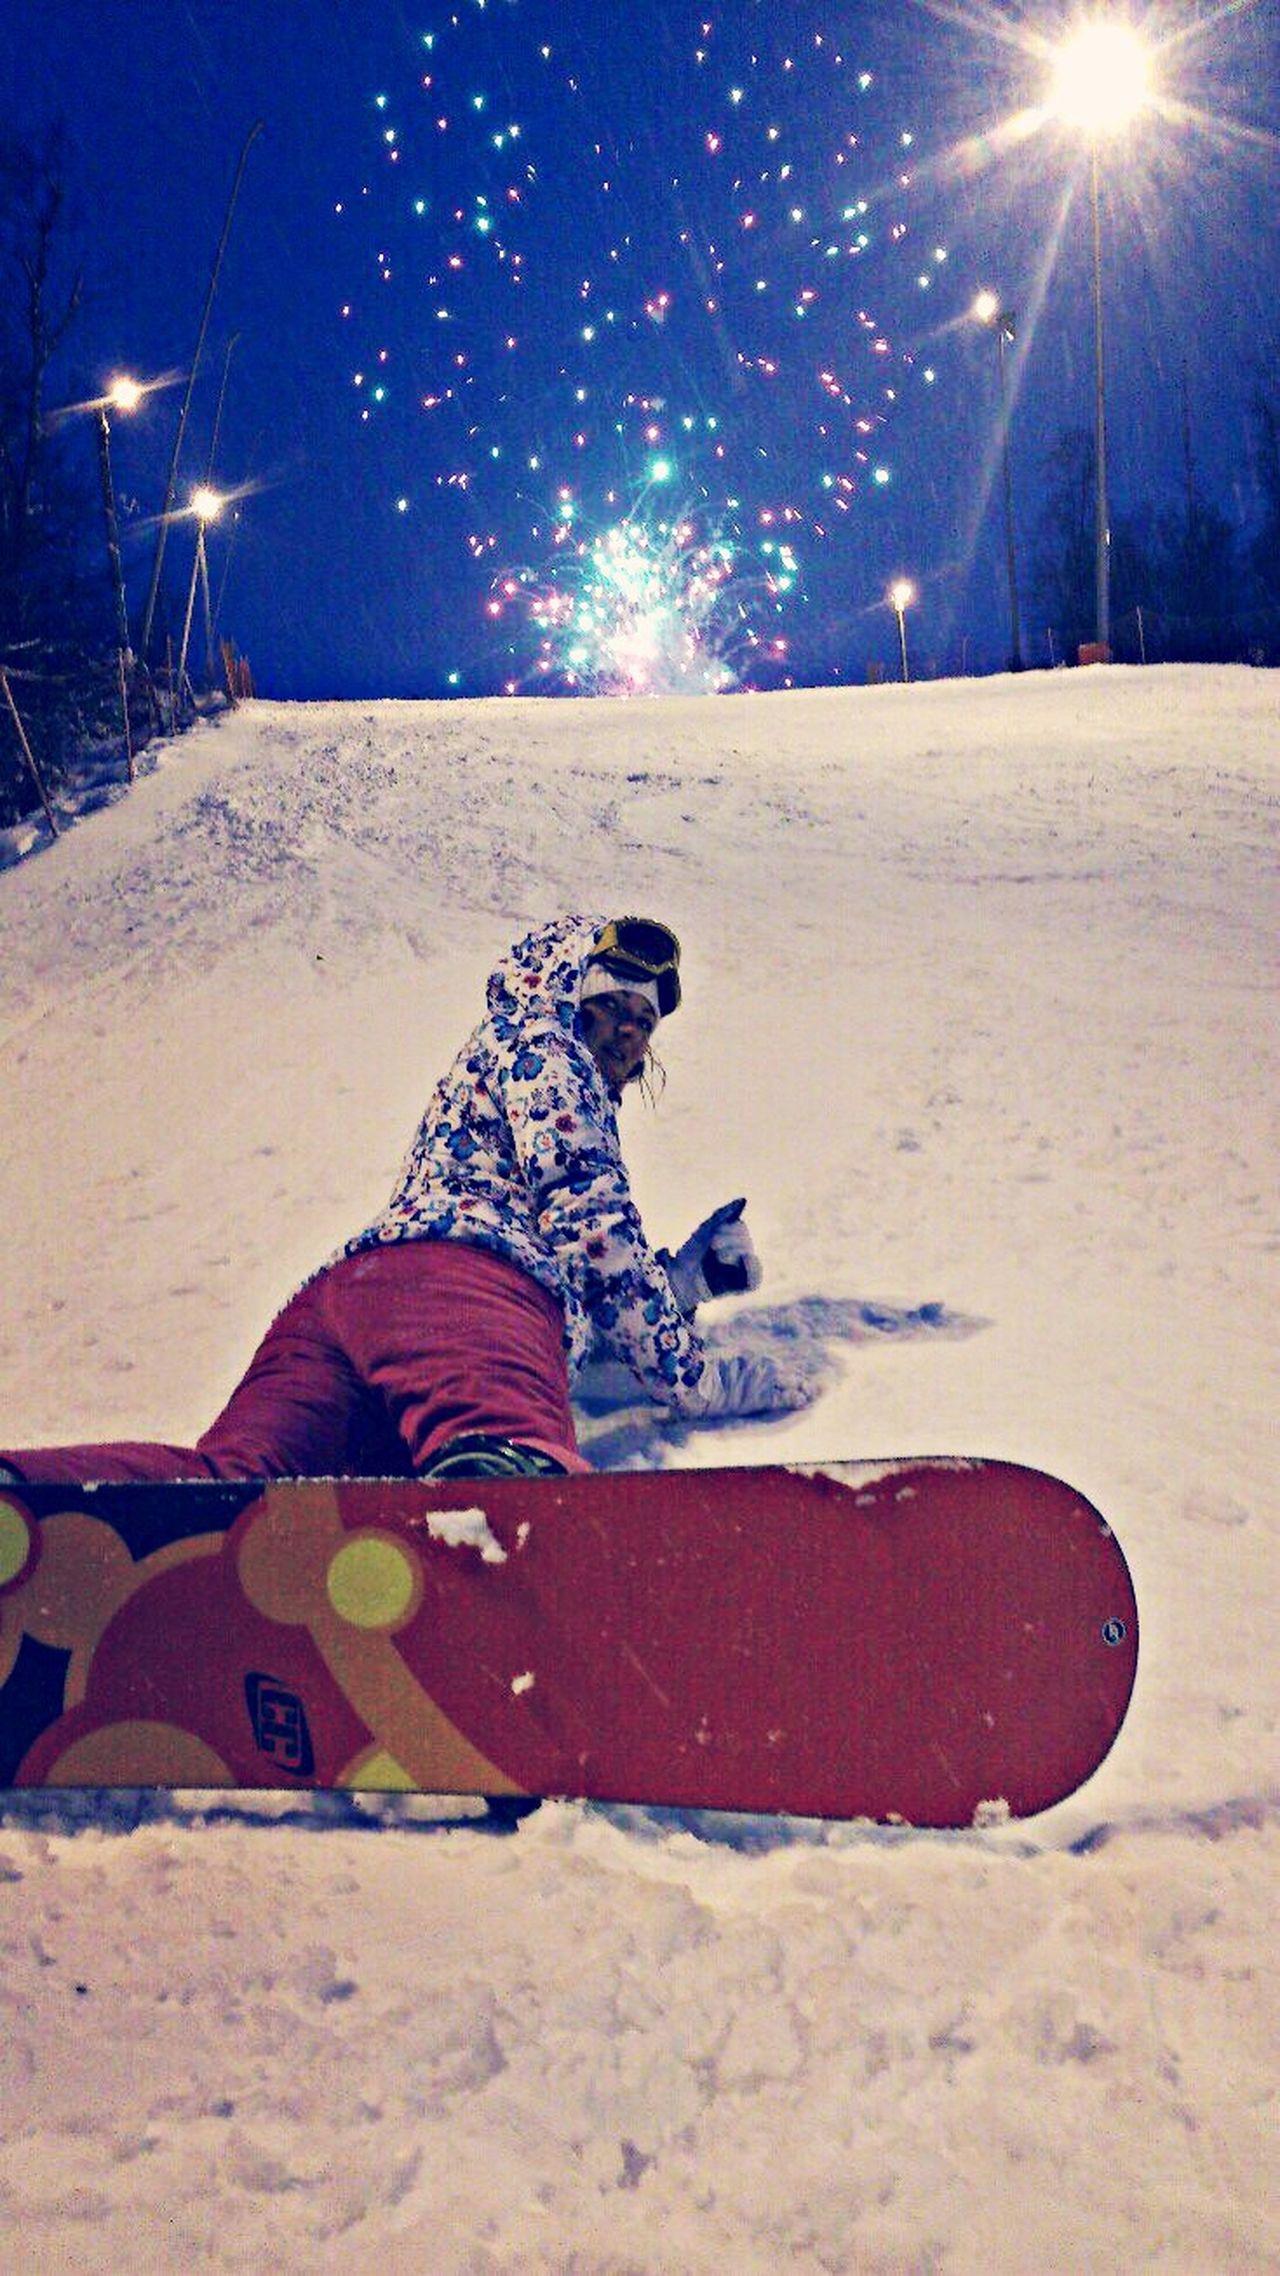 Snowboarding Winter Snow Beautiful Enjoying Life Sport Волен сноуборд покатушки That's Me